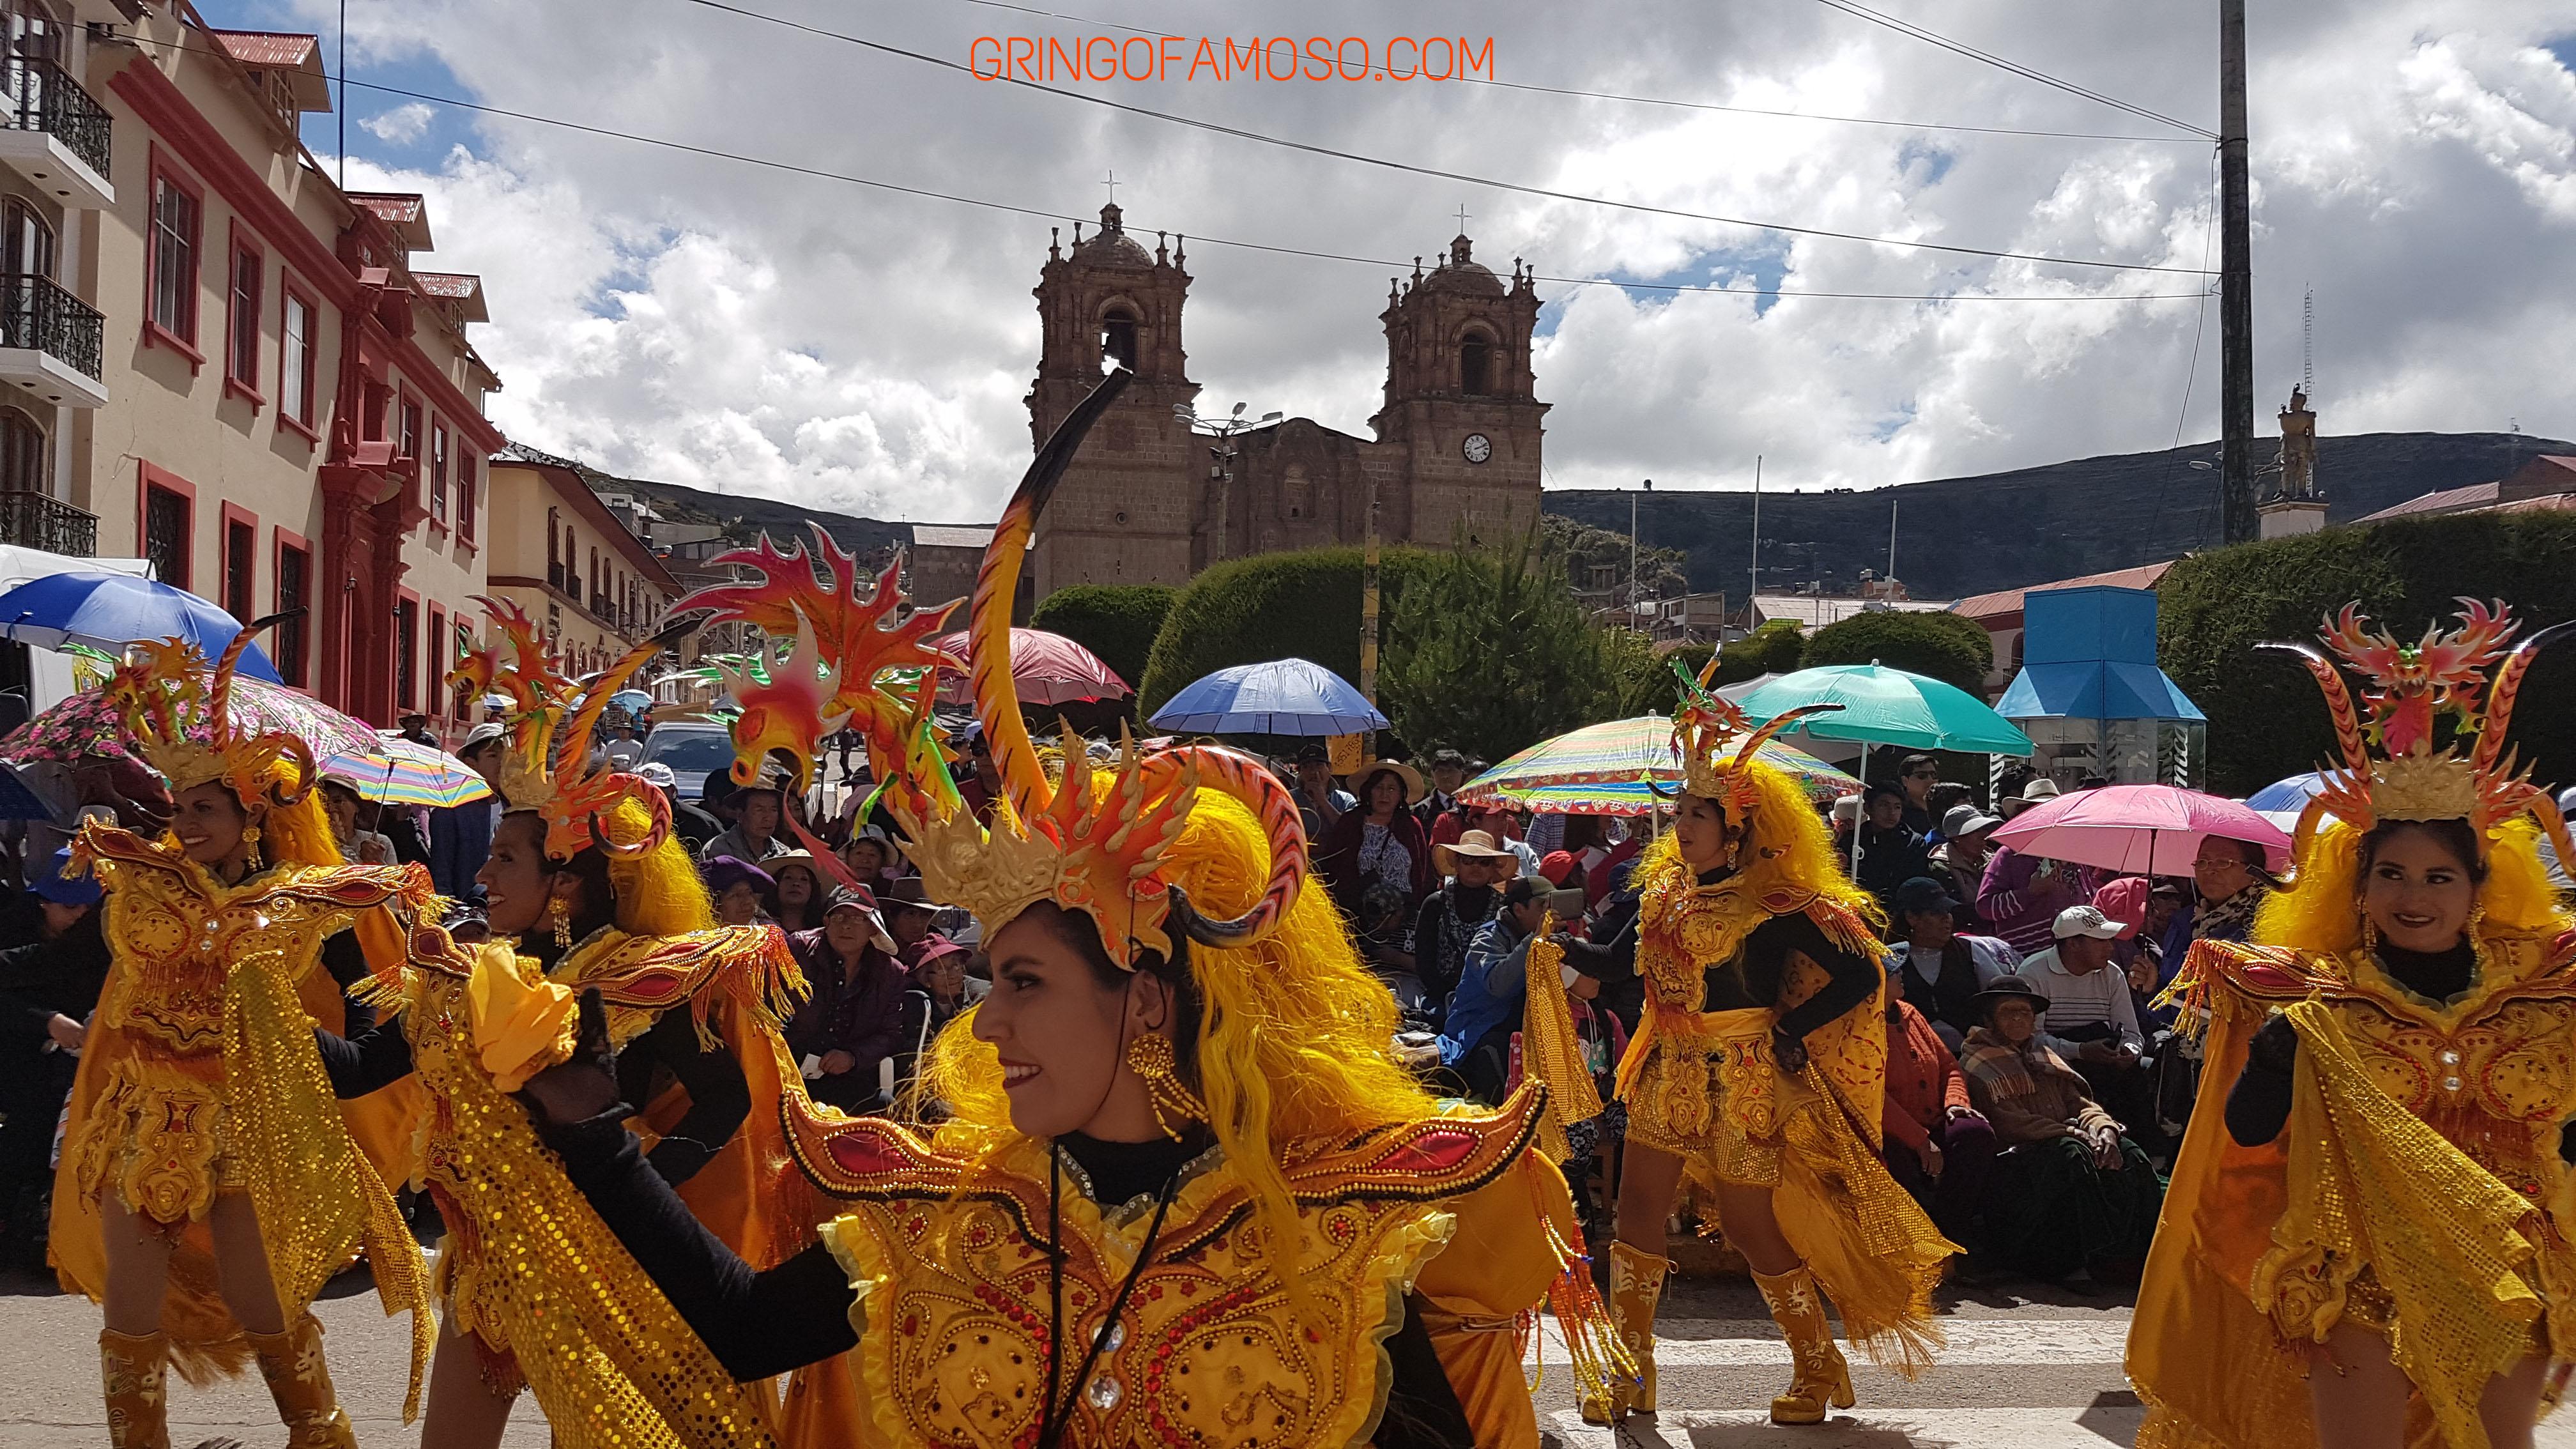 La Festividad de la Virgen de la Candelaria de Puno